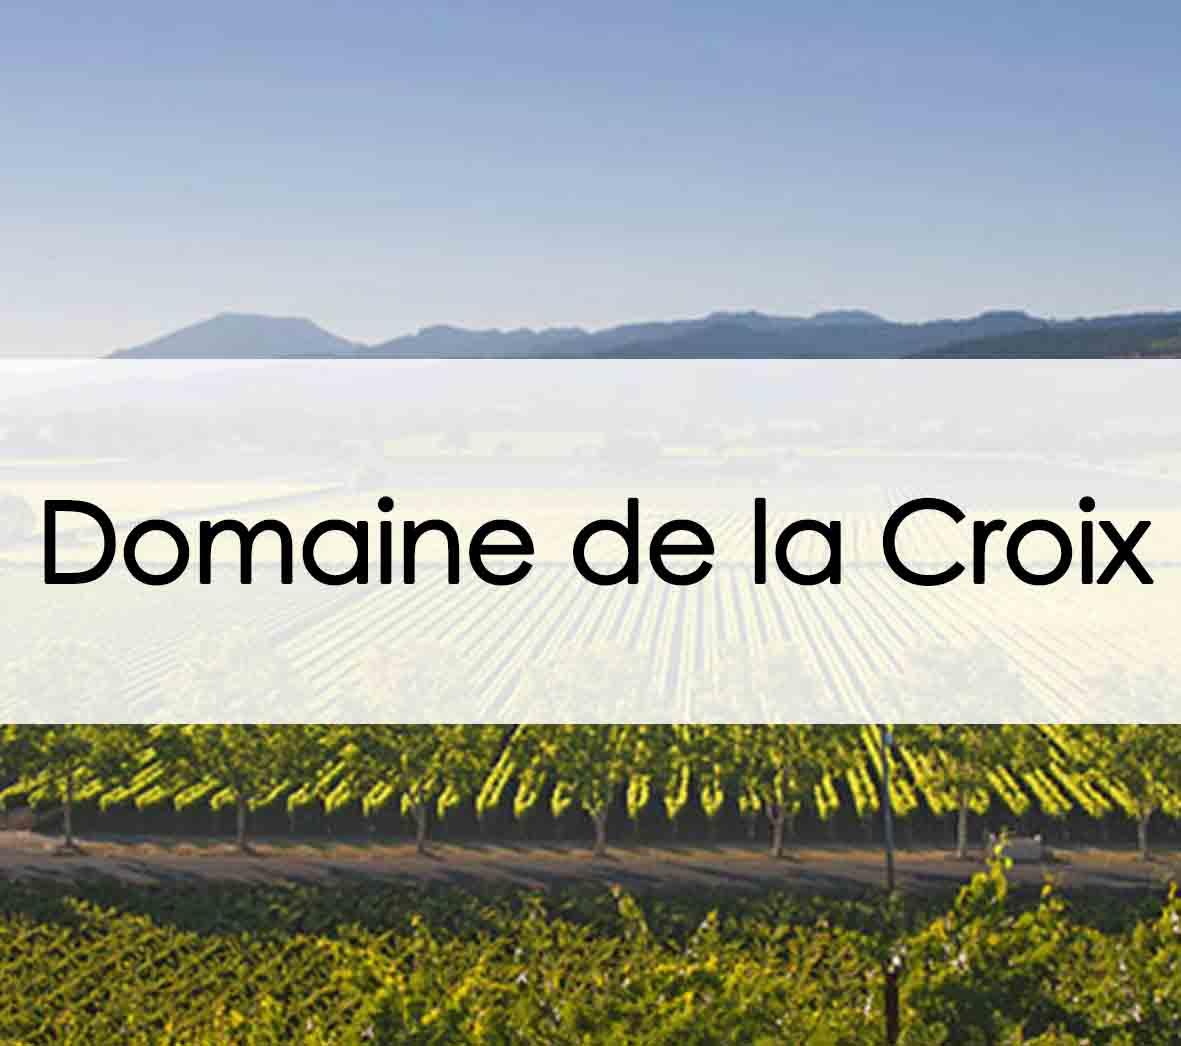 Domaine de la Croix